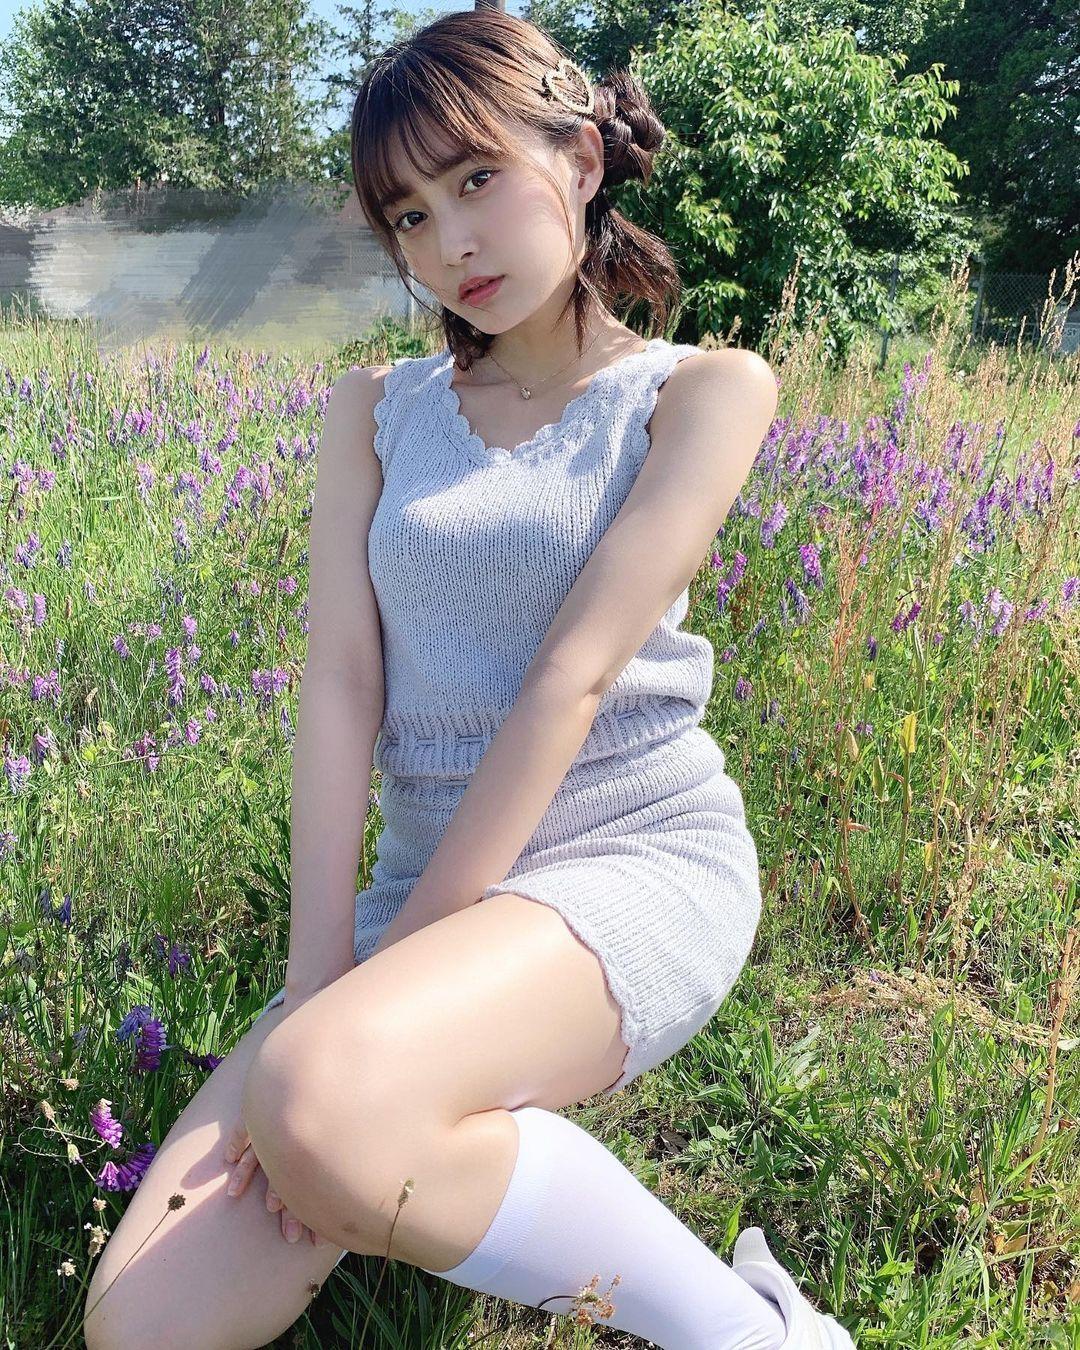 18 岁的青春魅力.清新美女「小山璃奈」高中一毕业就解放长腿 养眼图片 第10张